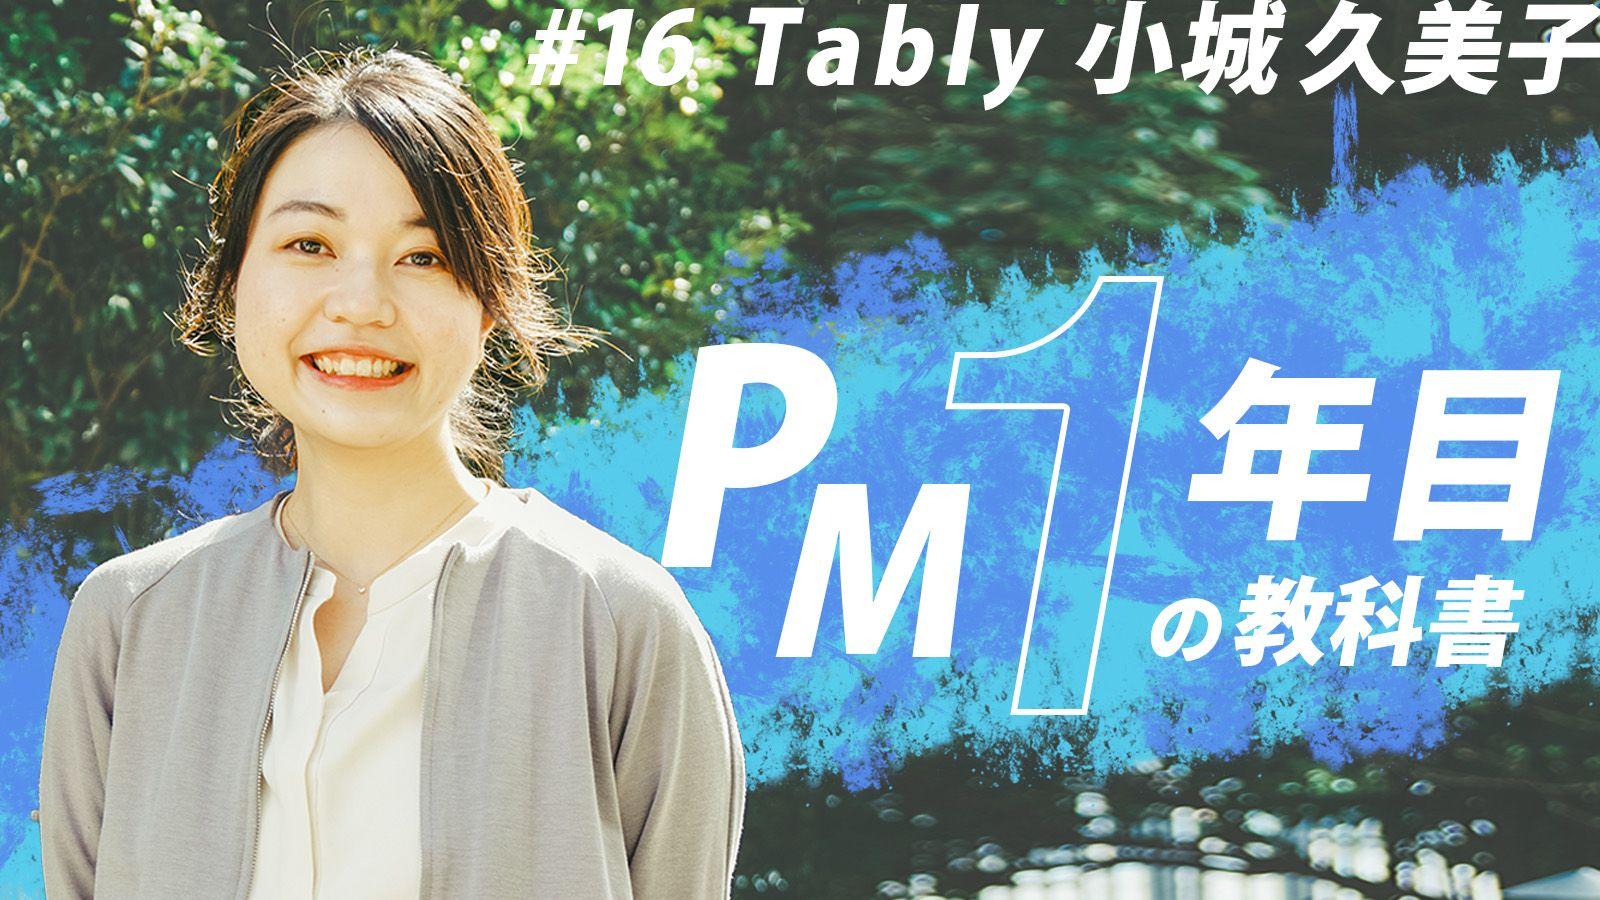 新人PM「あるある失敗」を回避せよ!『プロダクトマネジメントのすべて』共同執筆、小城久美子さんの視点